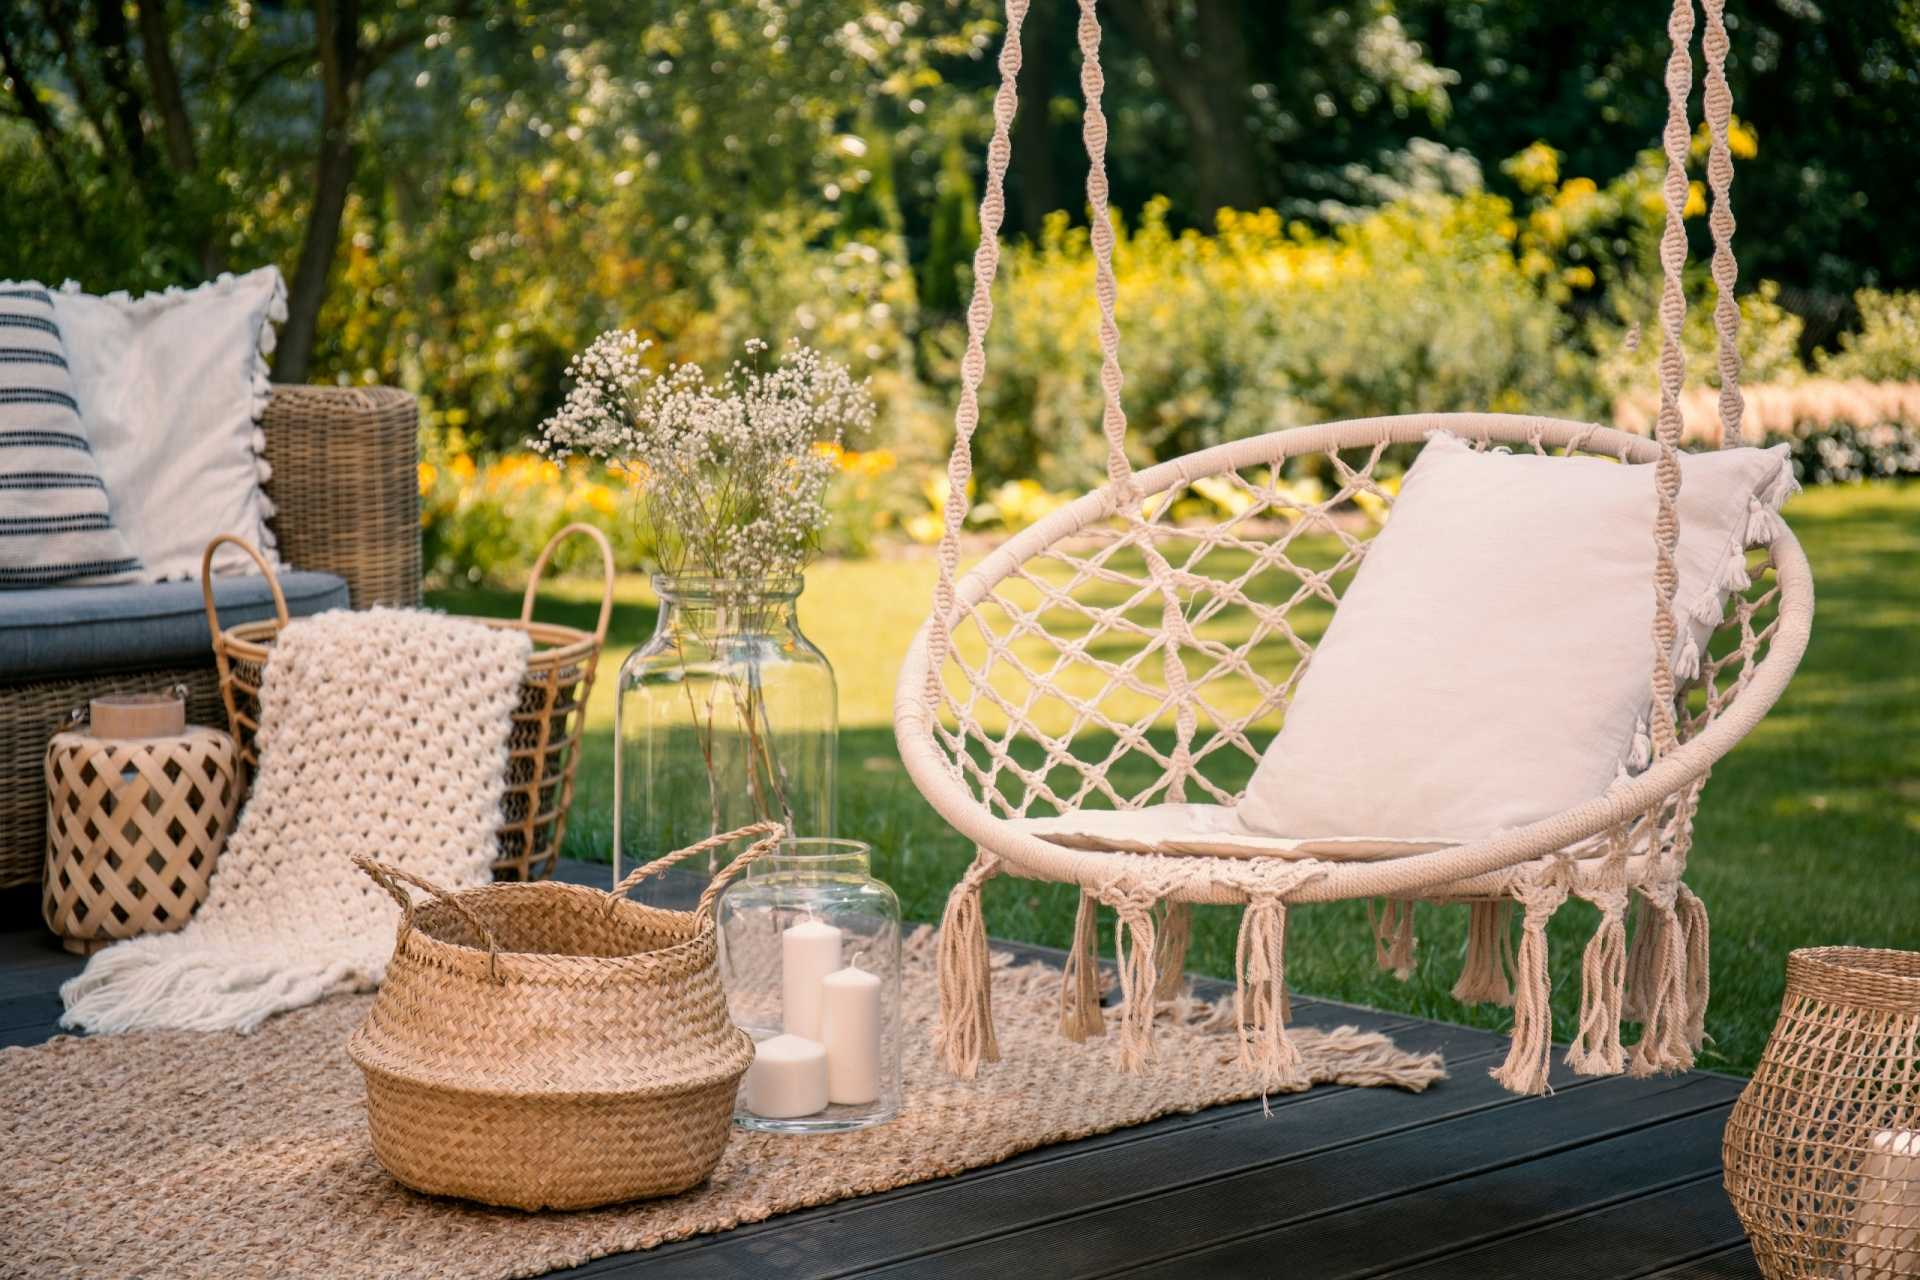 3 Hängesessel für den Garten, die es ermöglichen, die Seele baumeln zu lassen